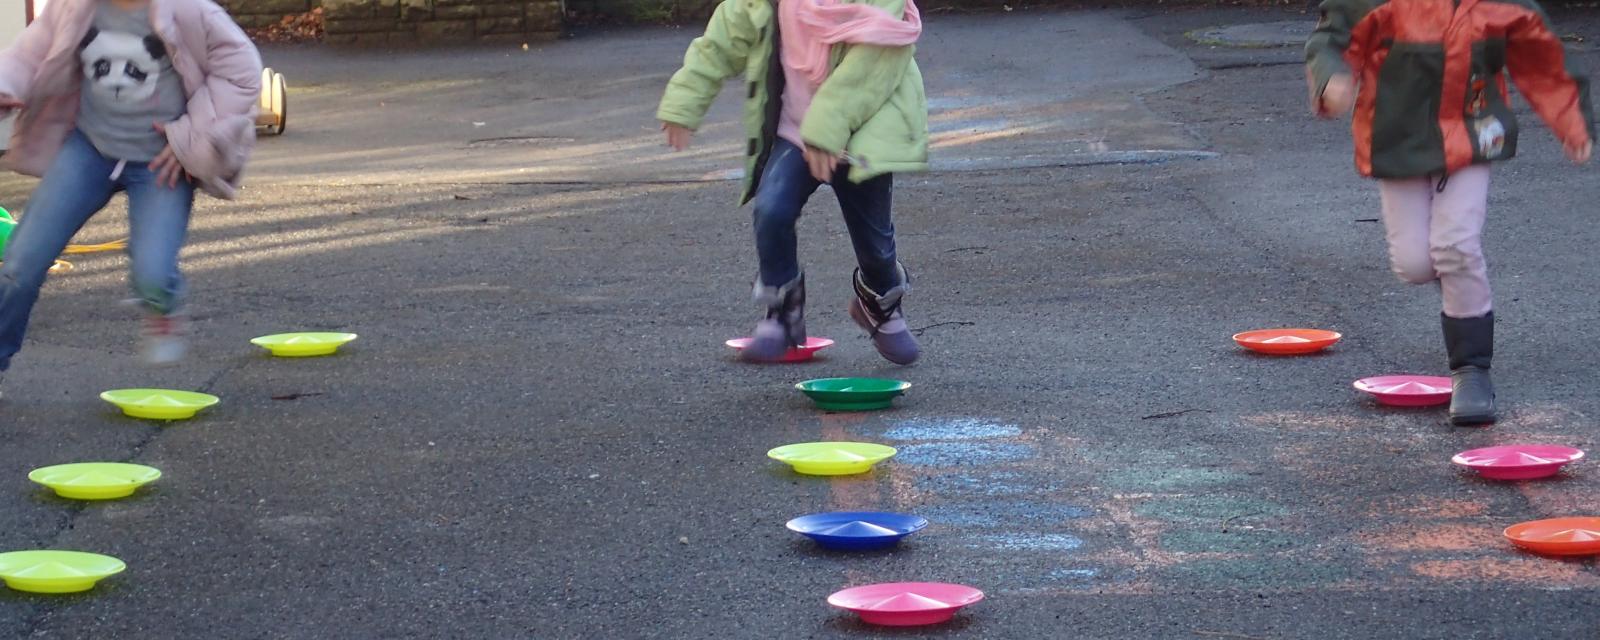 Spielszene im Schulhof